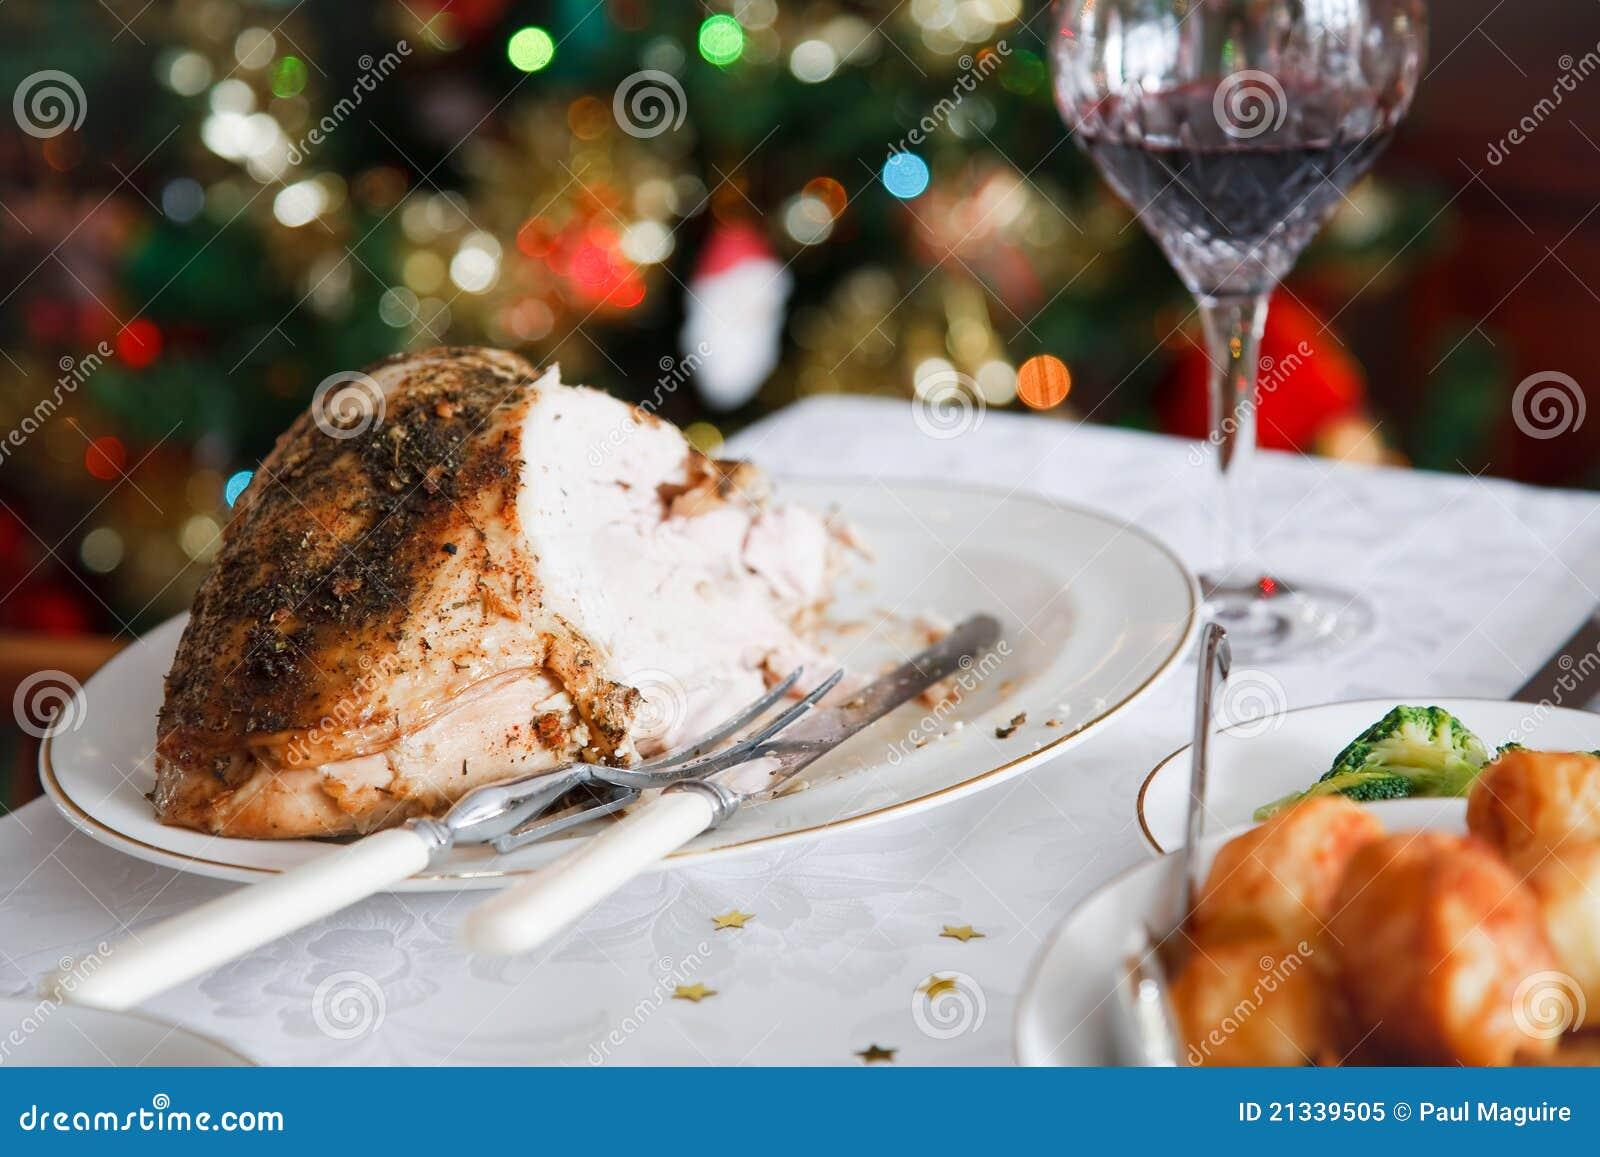 Pasti Di Natale.Pasto Di Natale Immagine Stock Immagine Di Piatti Closeup